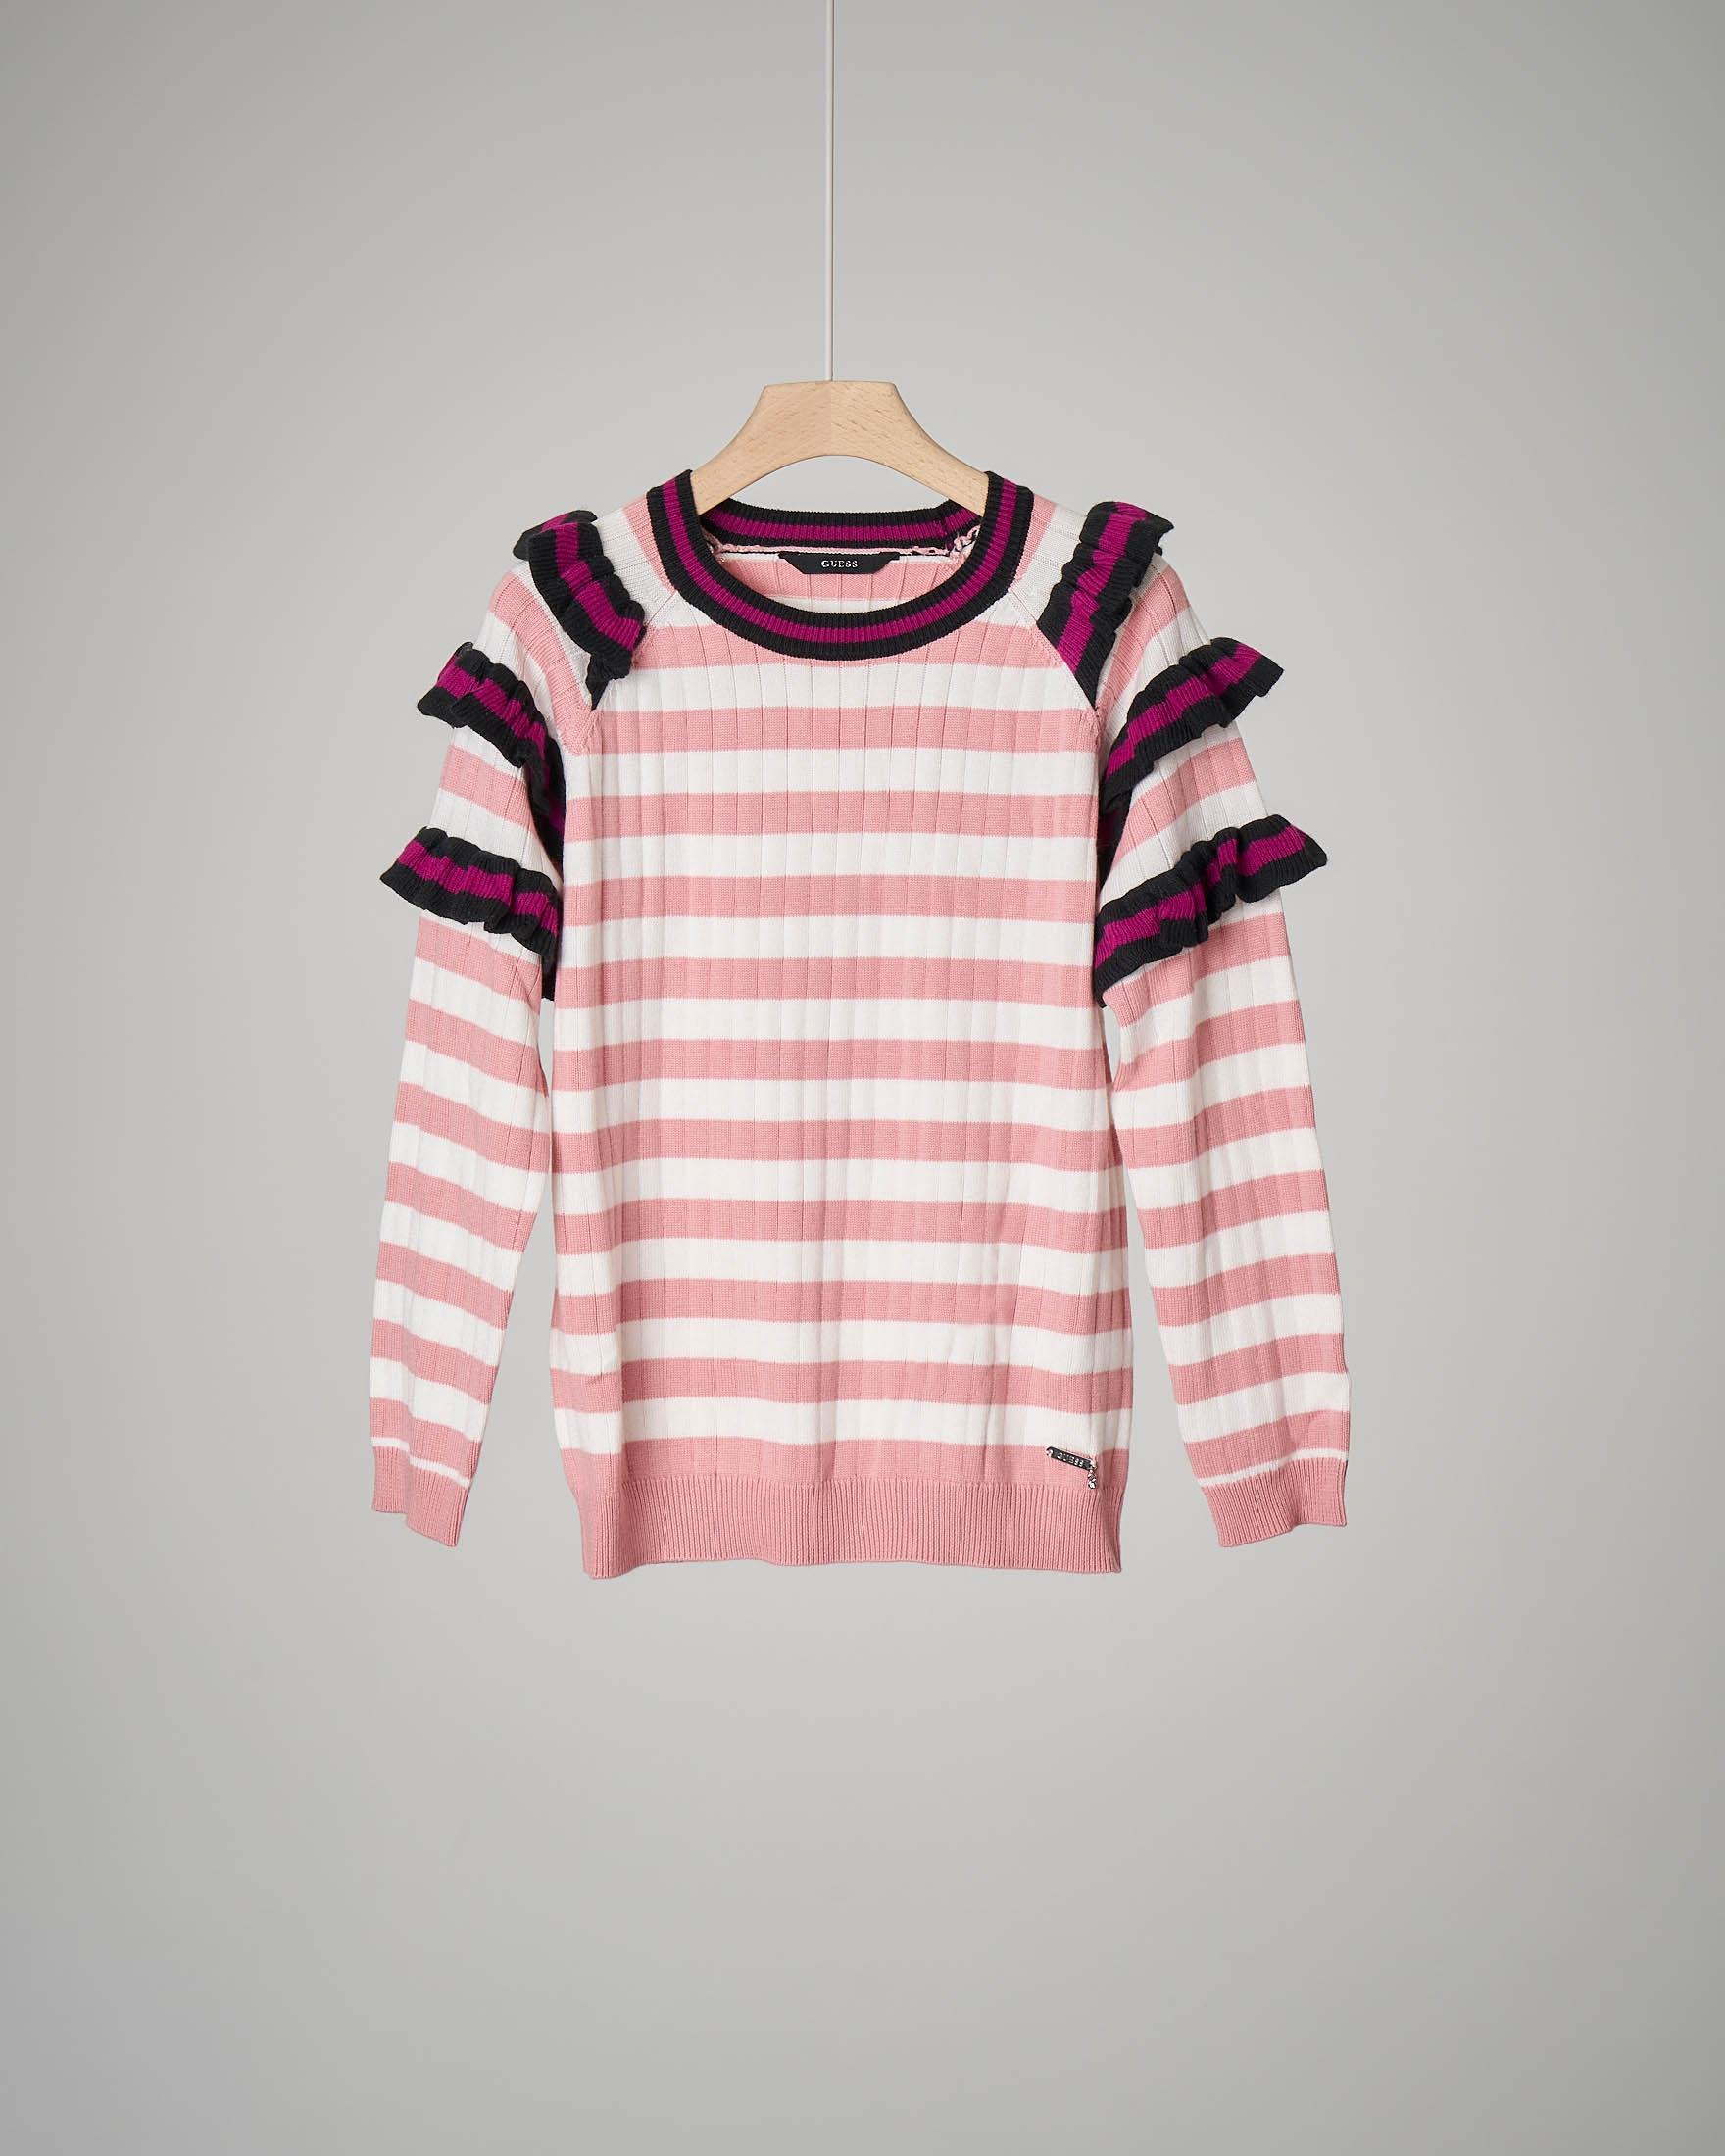 Maglia rosa/bianca righe